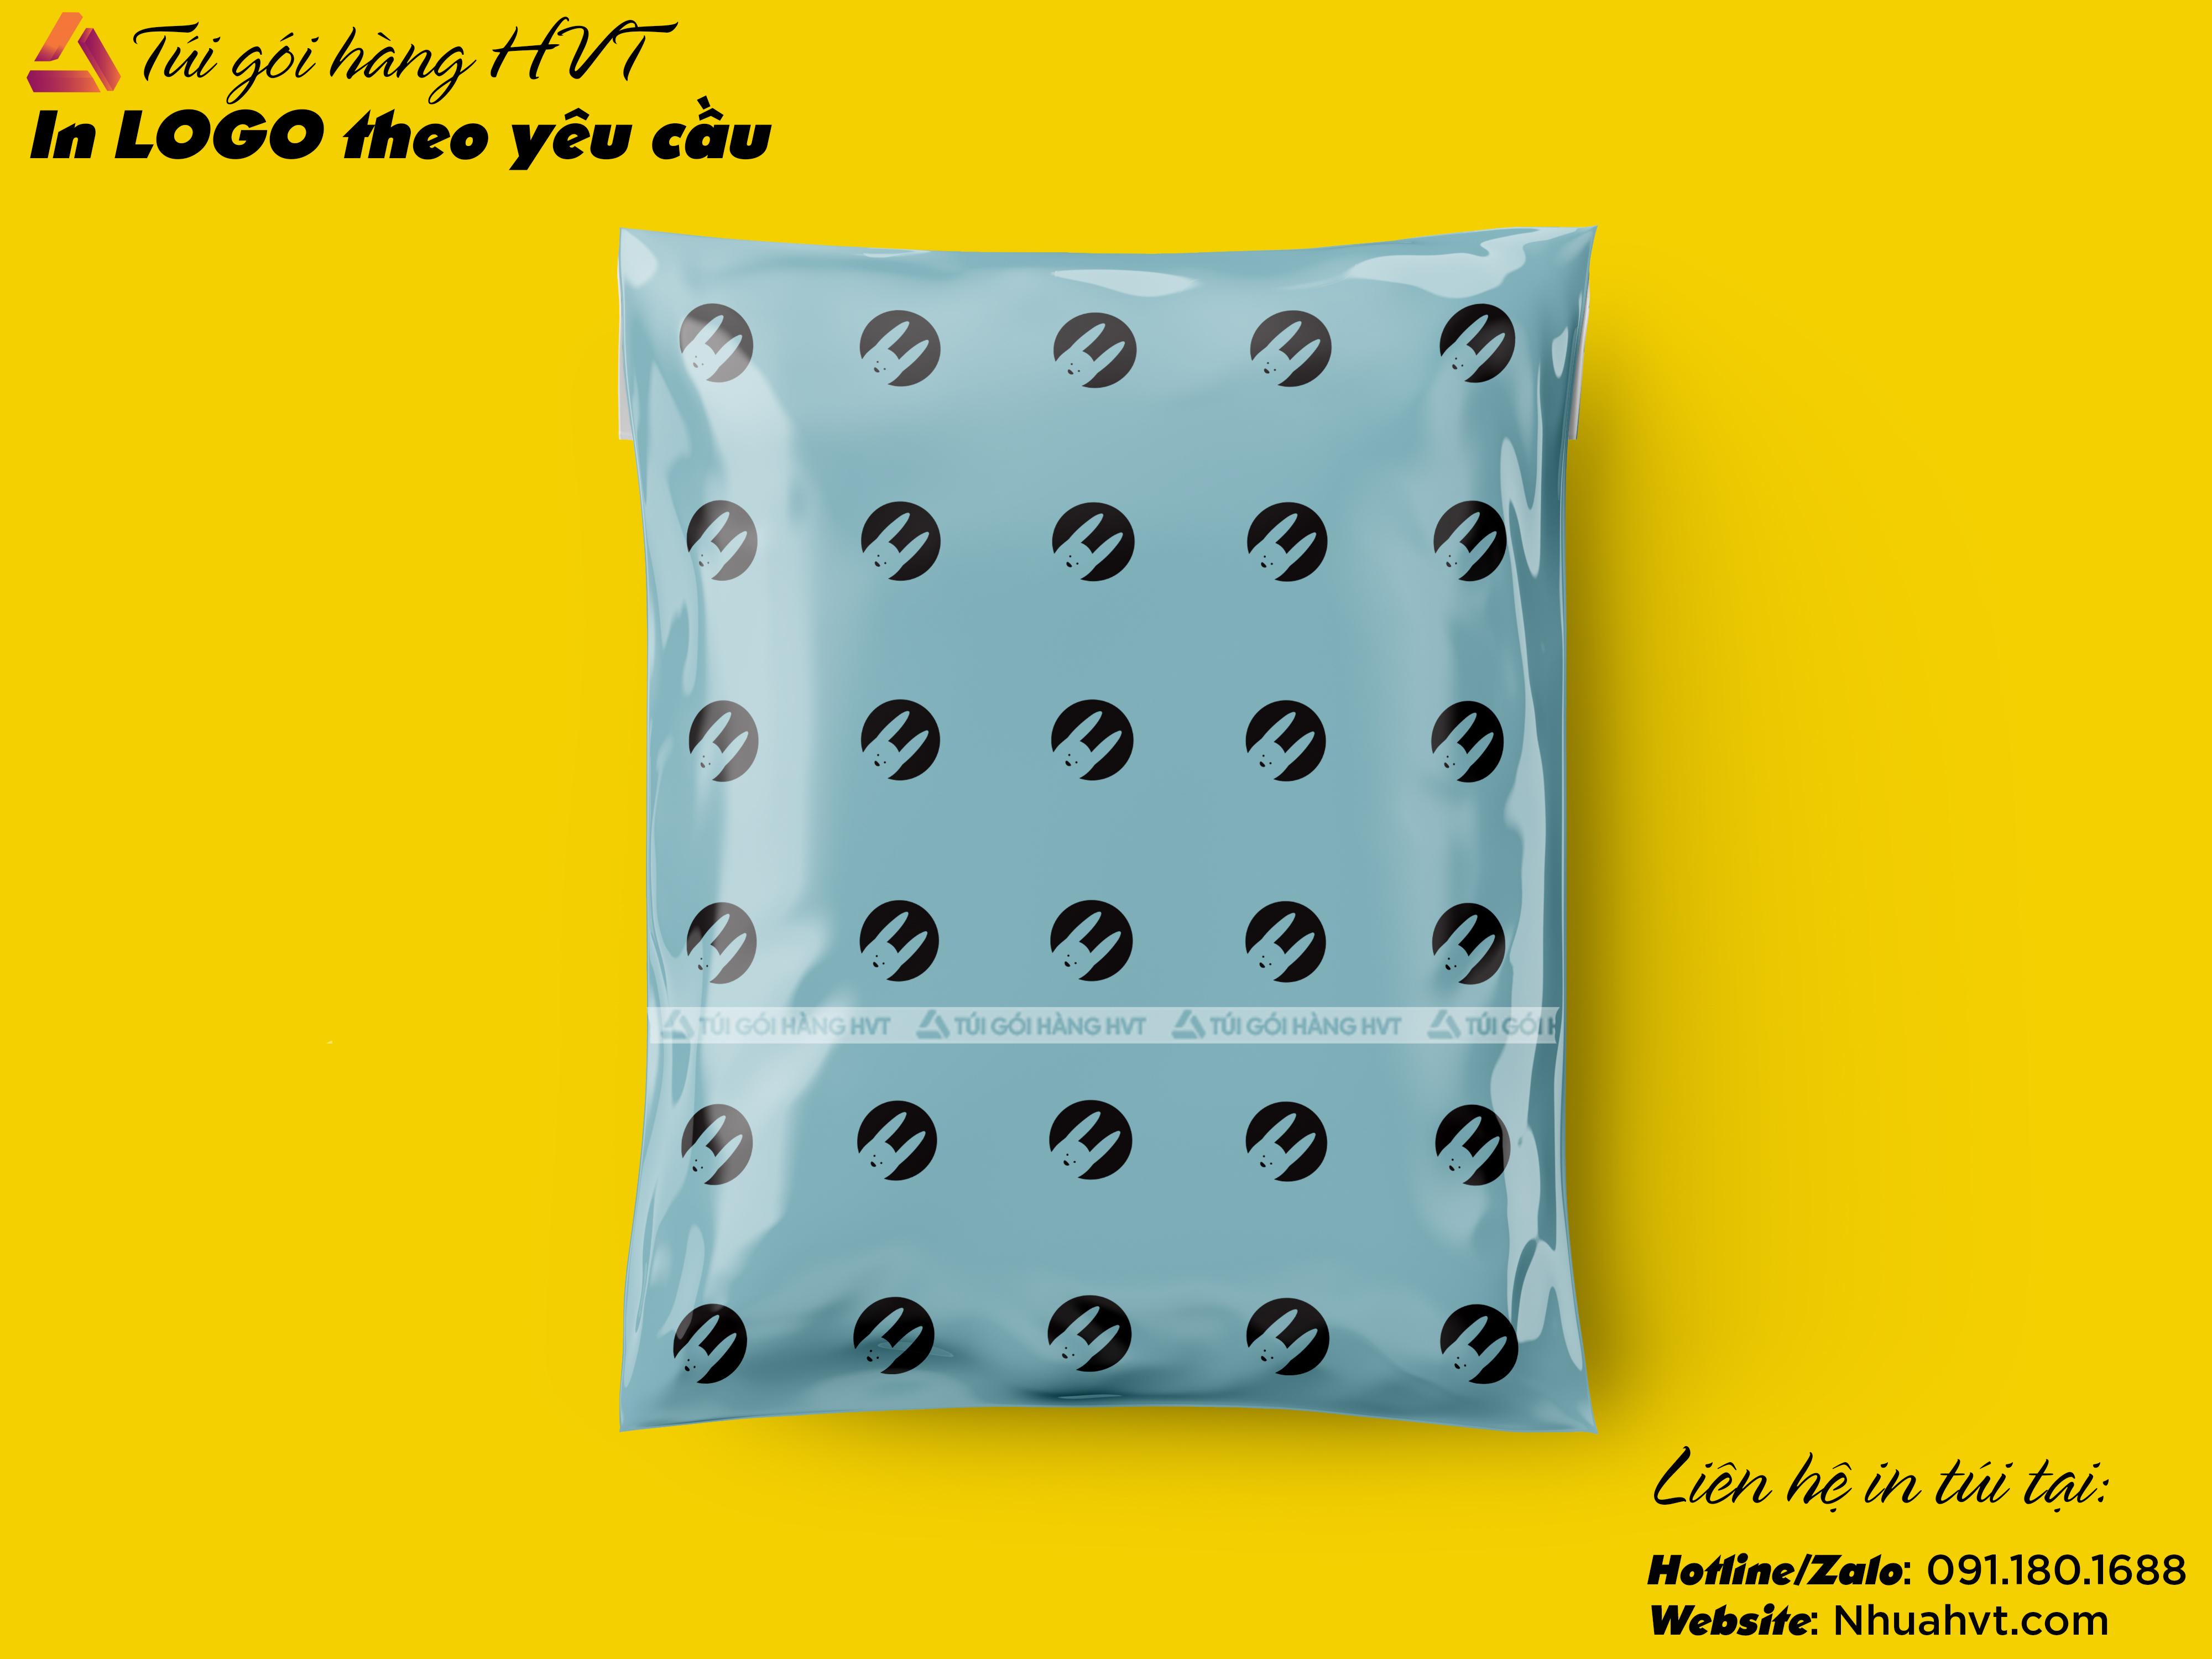 In túi logo thương hiệu màu xanh cùng HVT